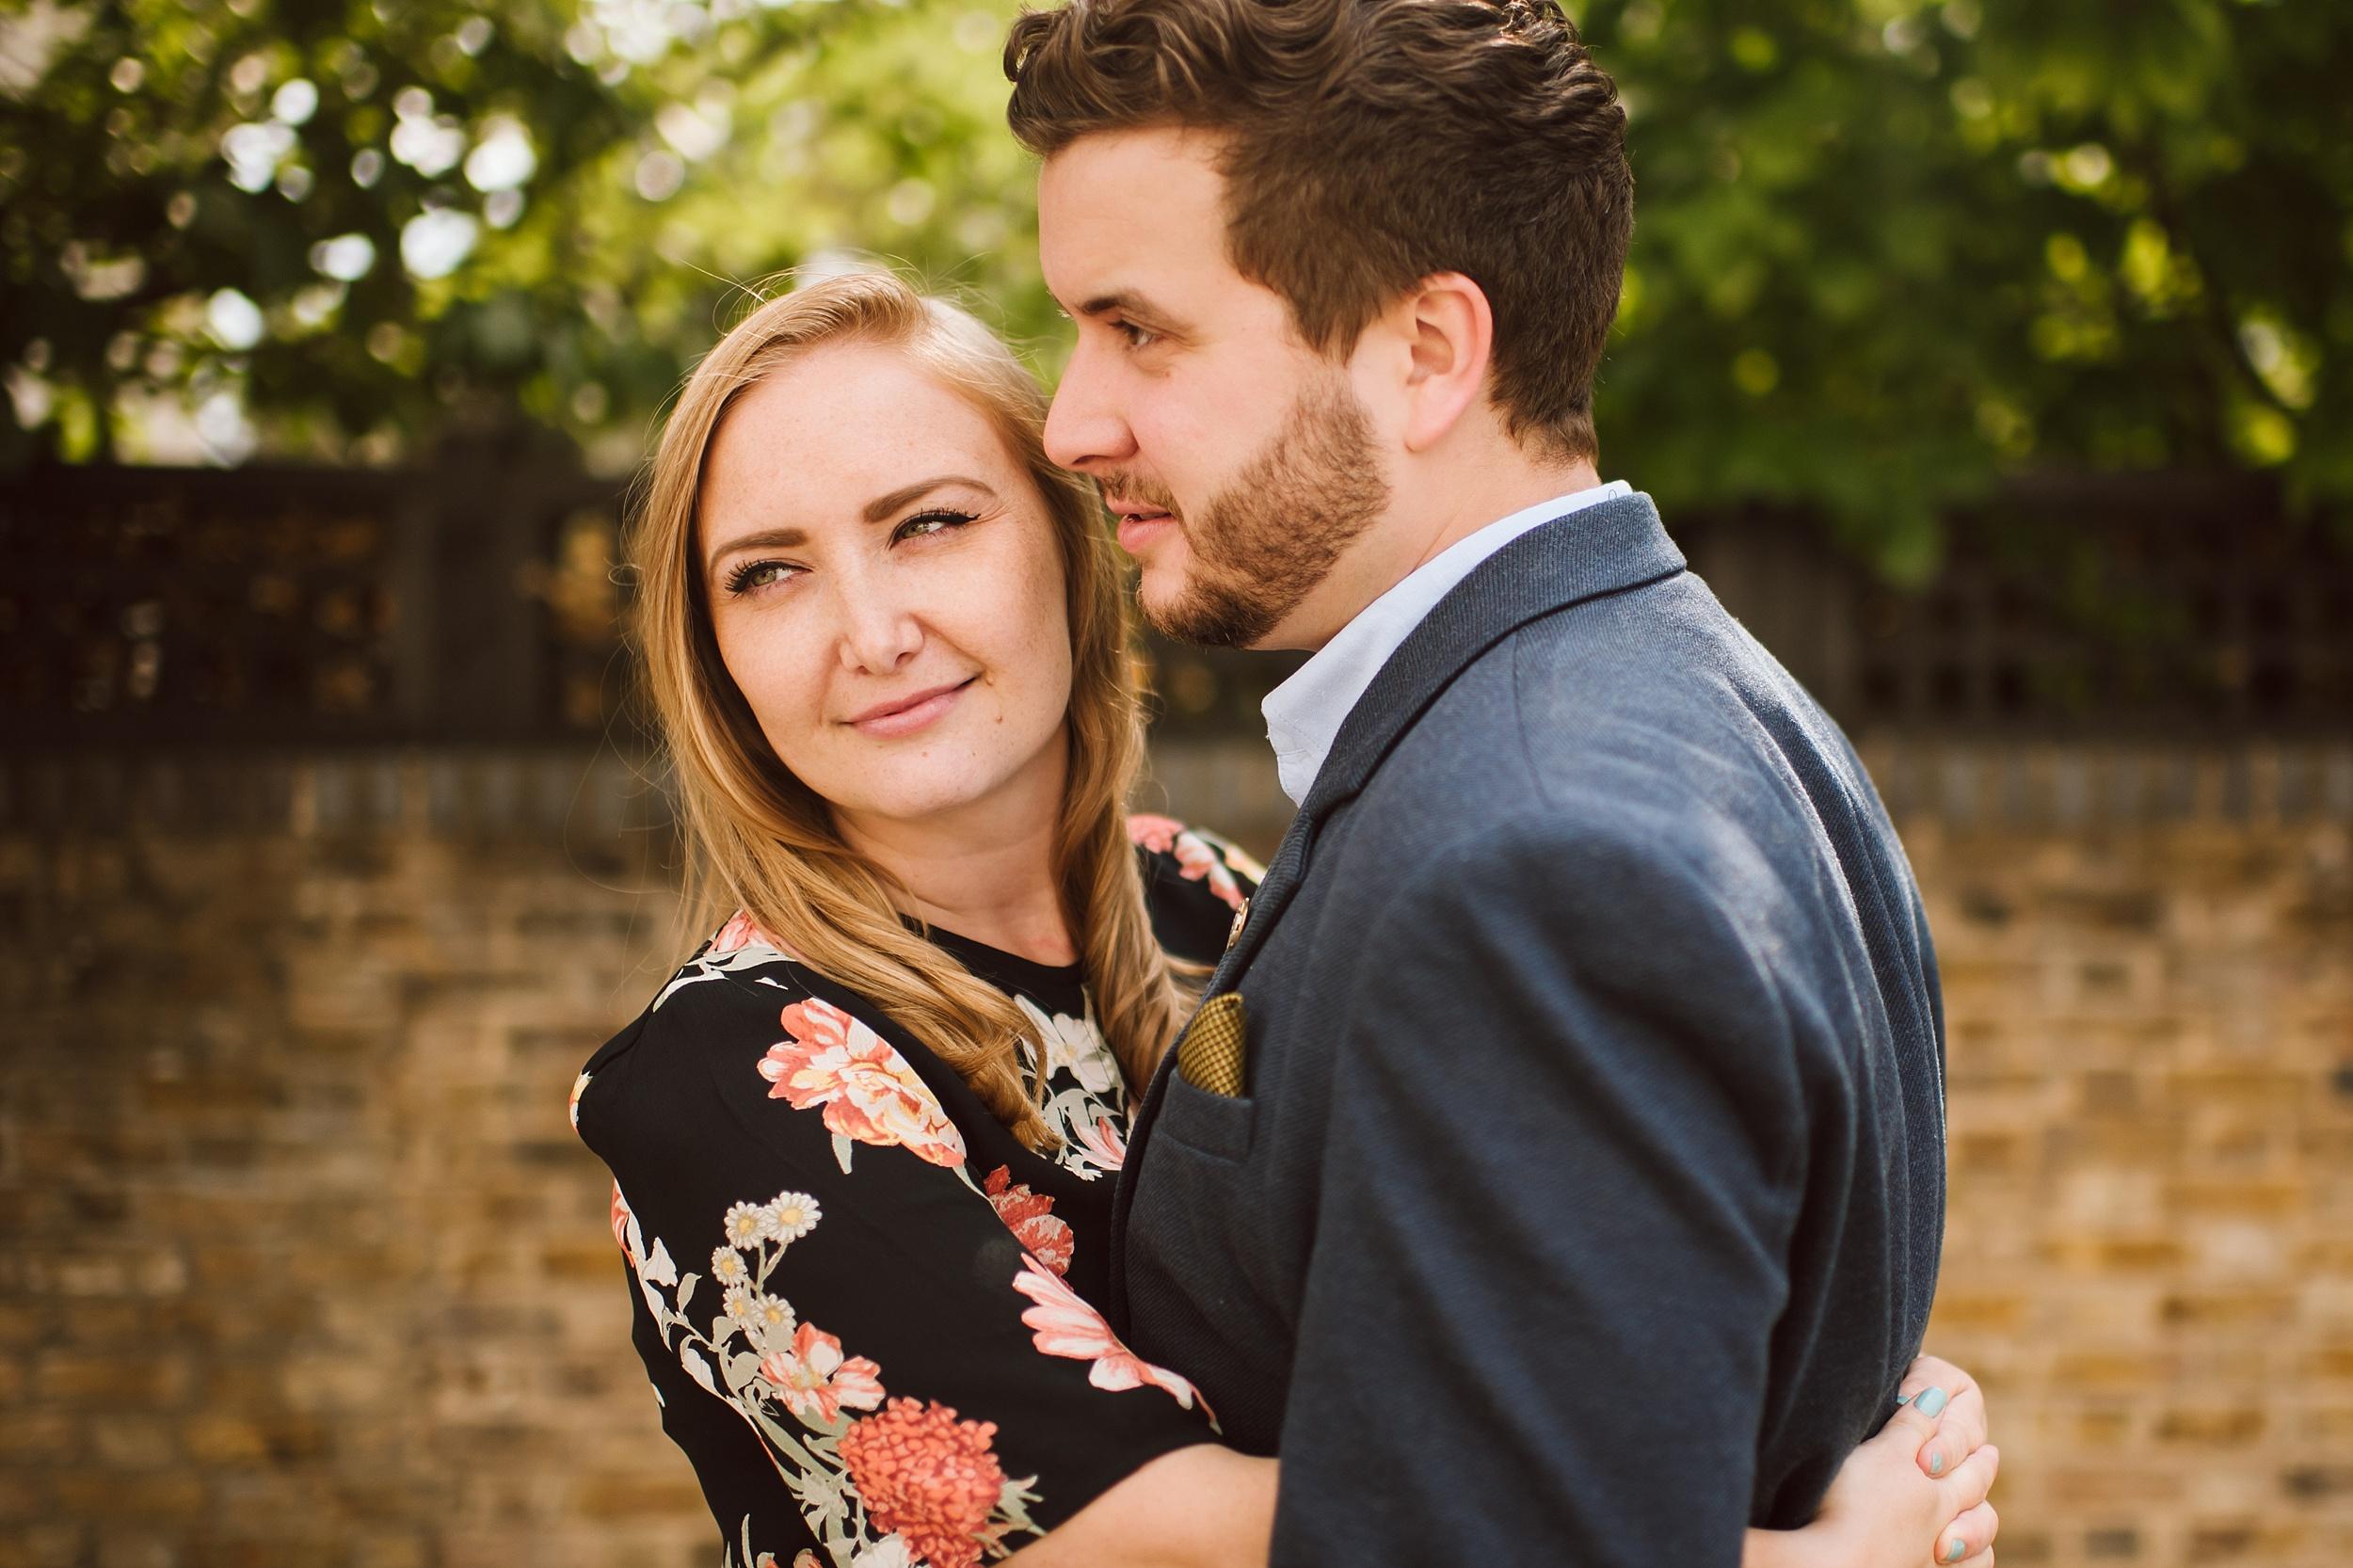 UK_London_Destination_Wedding_Photographer_UK_0019.jpg